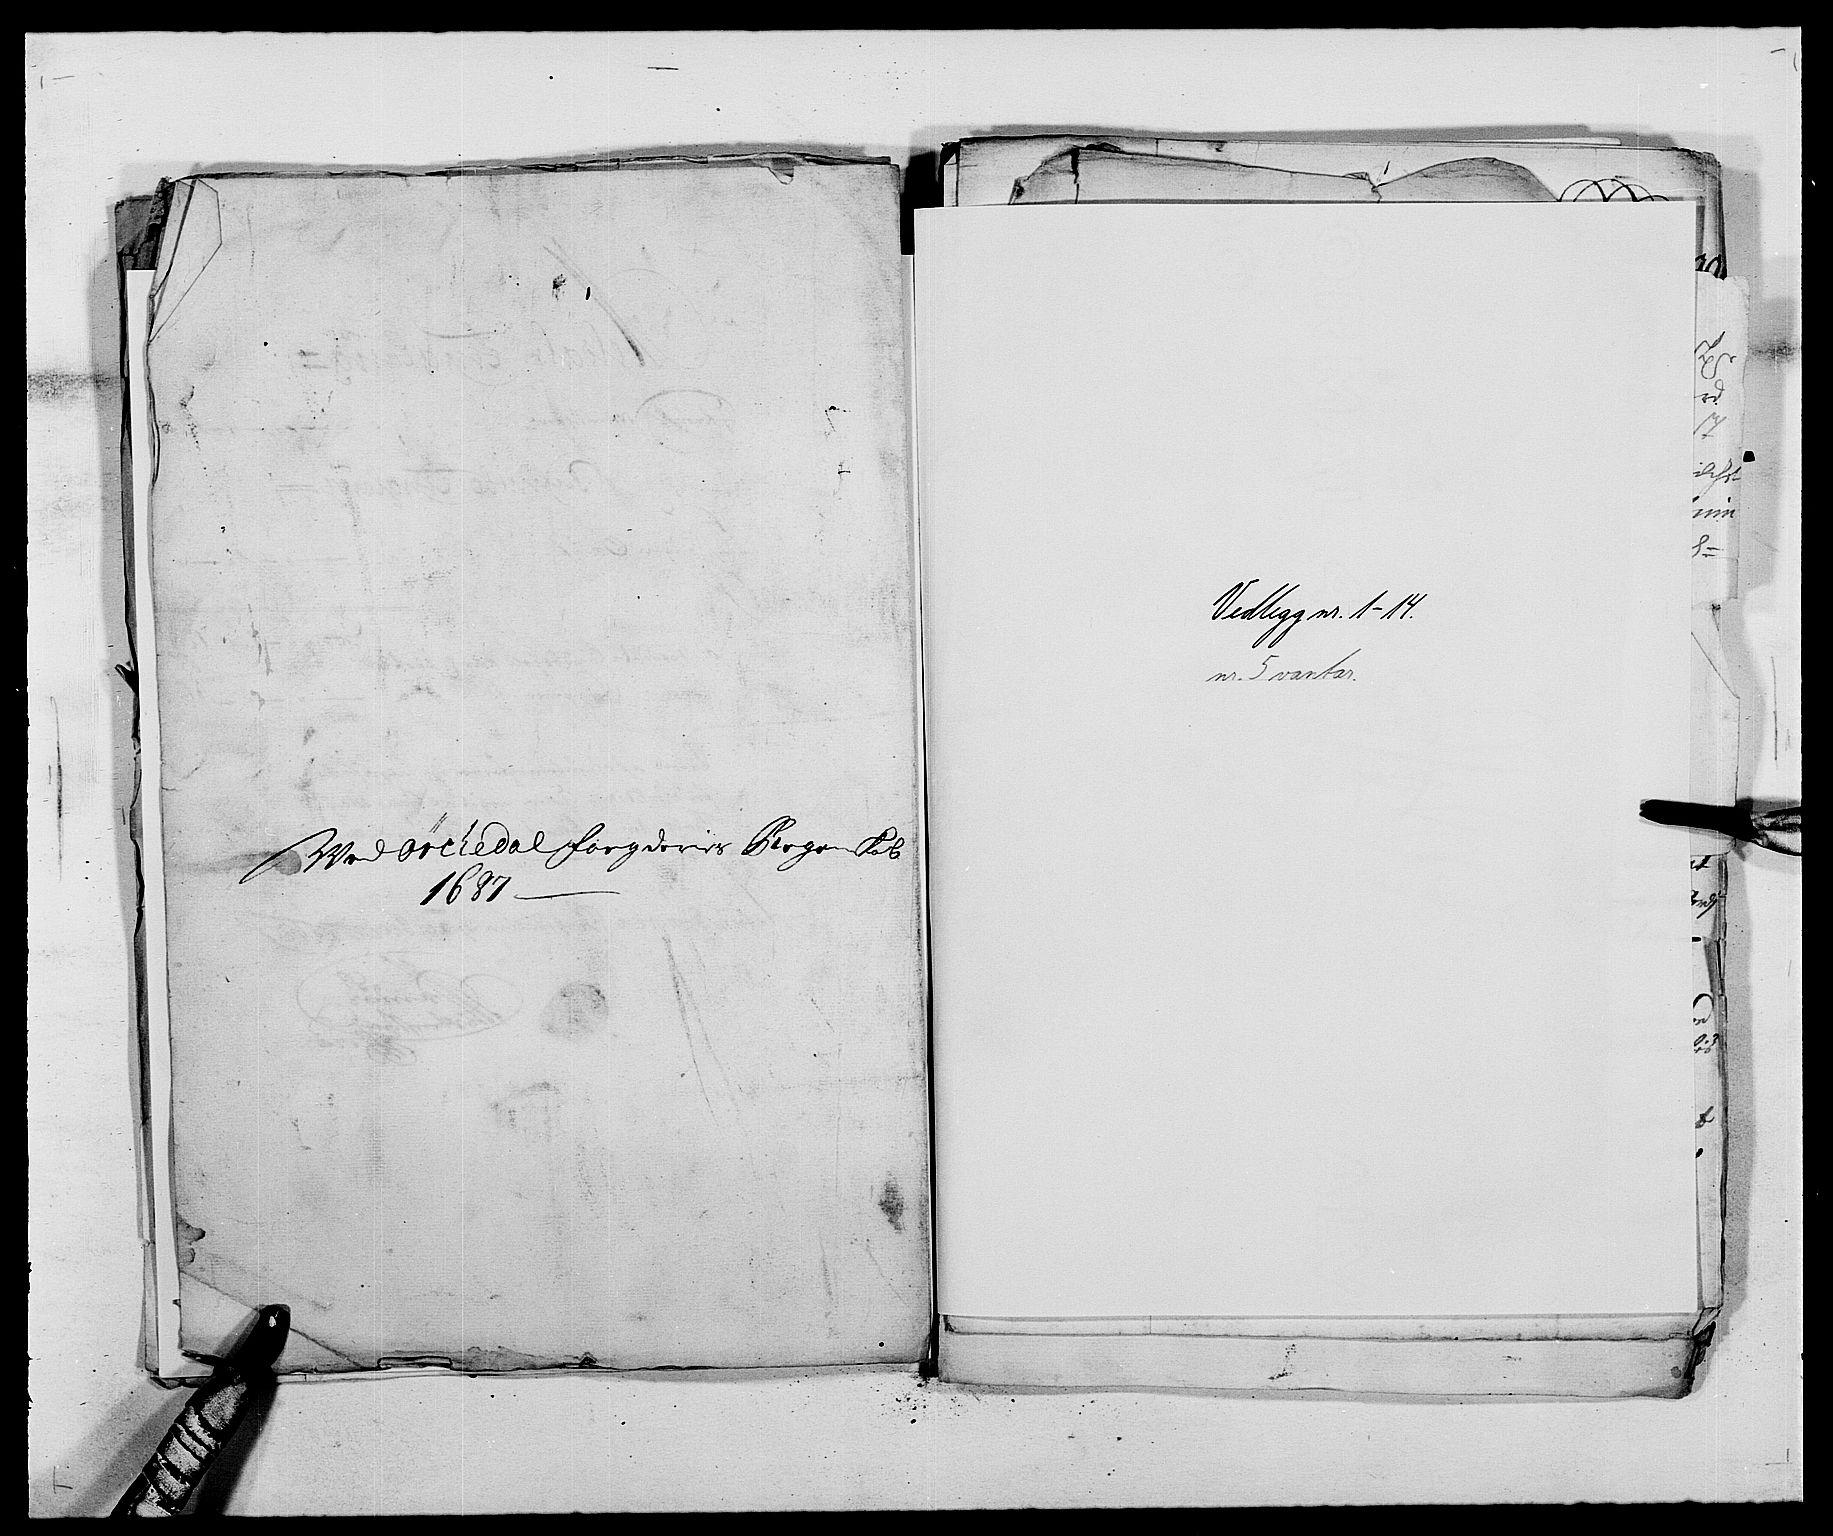 RA, Rentekammeret inntil 1814, Reviderte regnskaper, Fogderegnskap, R58/L3935: Fogderegnskap Orkdal, 1687-1688, s. 158